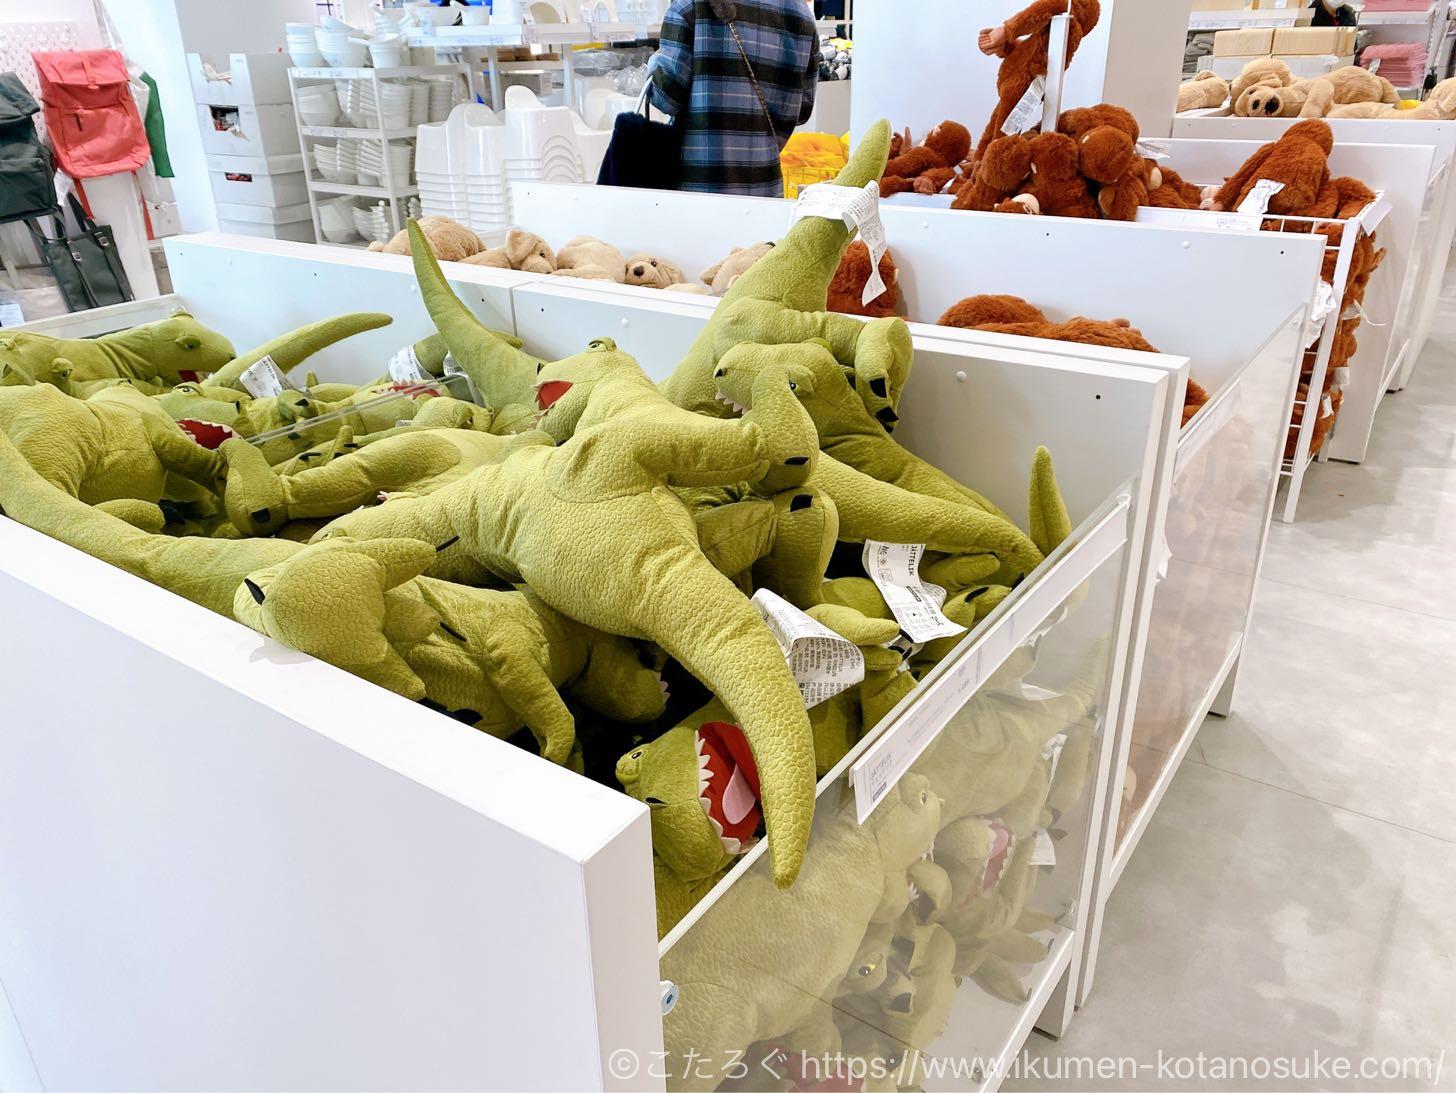 IKEA渋谷に子供のグッズやおもちゃはどれくらい置いてあるのか?